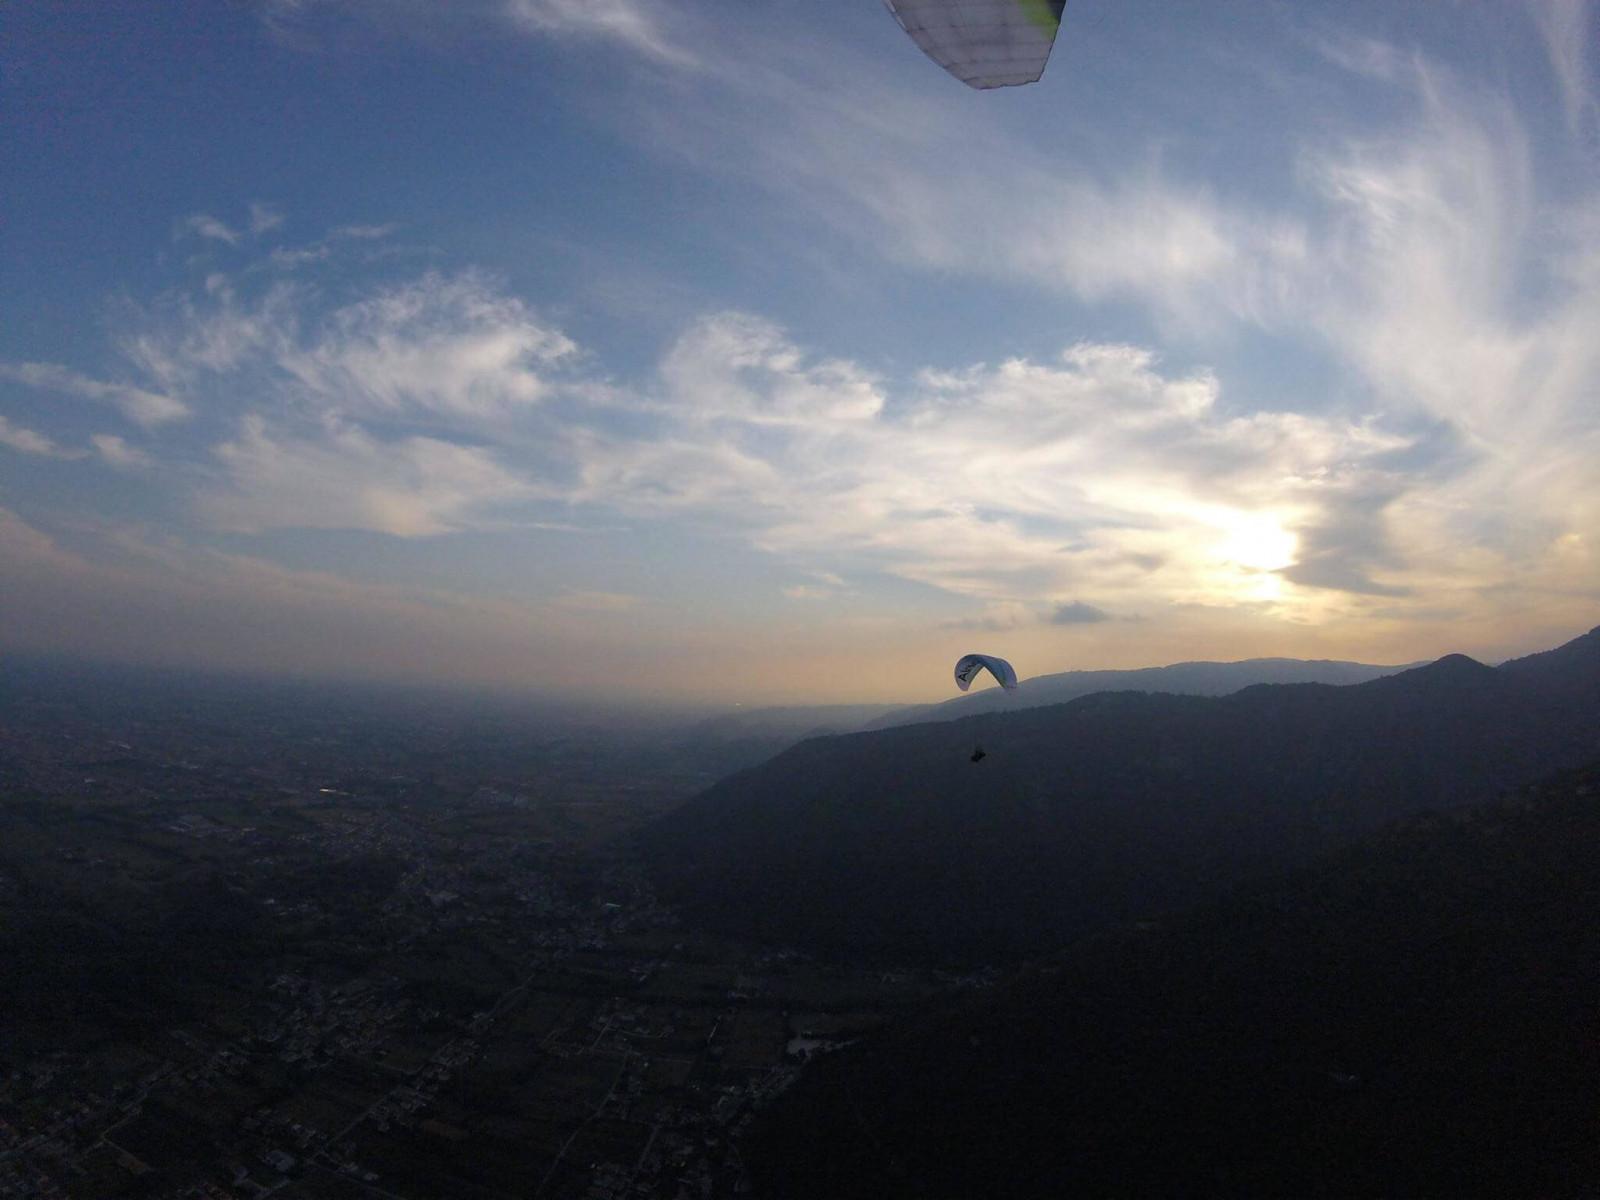 Volo in parapendio biposto al tramonto a Borso del Grappa